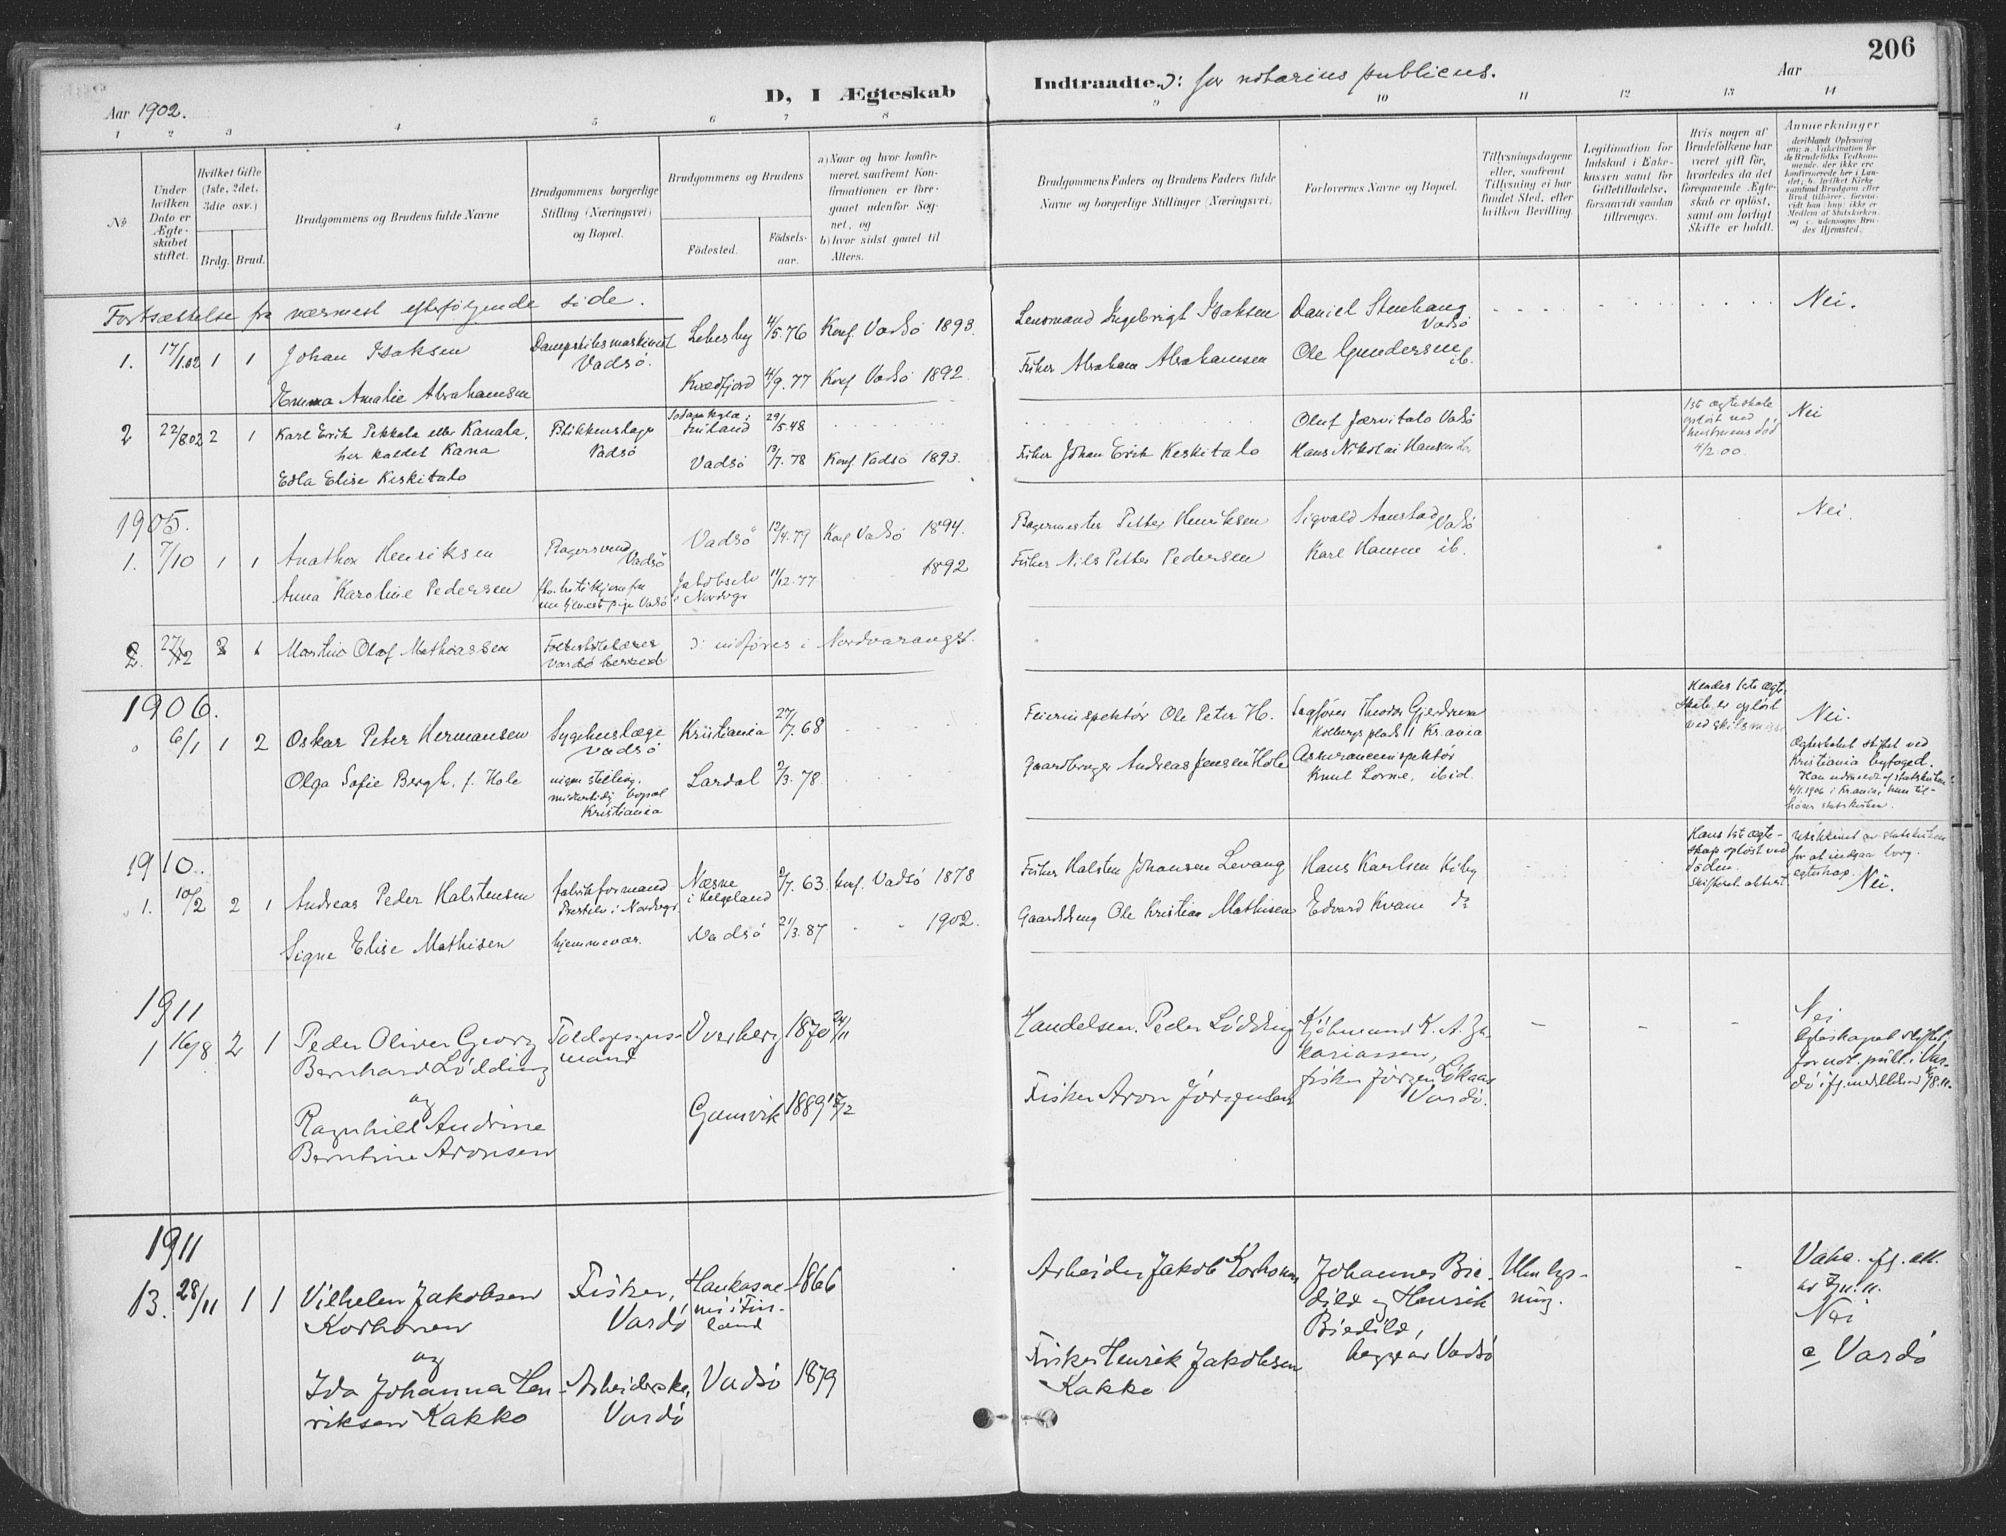 SATØ, Vadsø sokneprestkontor, H/Ha/L0007kirke: Ministerialbok nr. 7, 1896-1916, s. 206